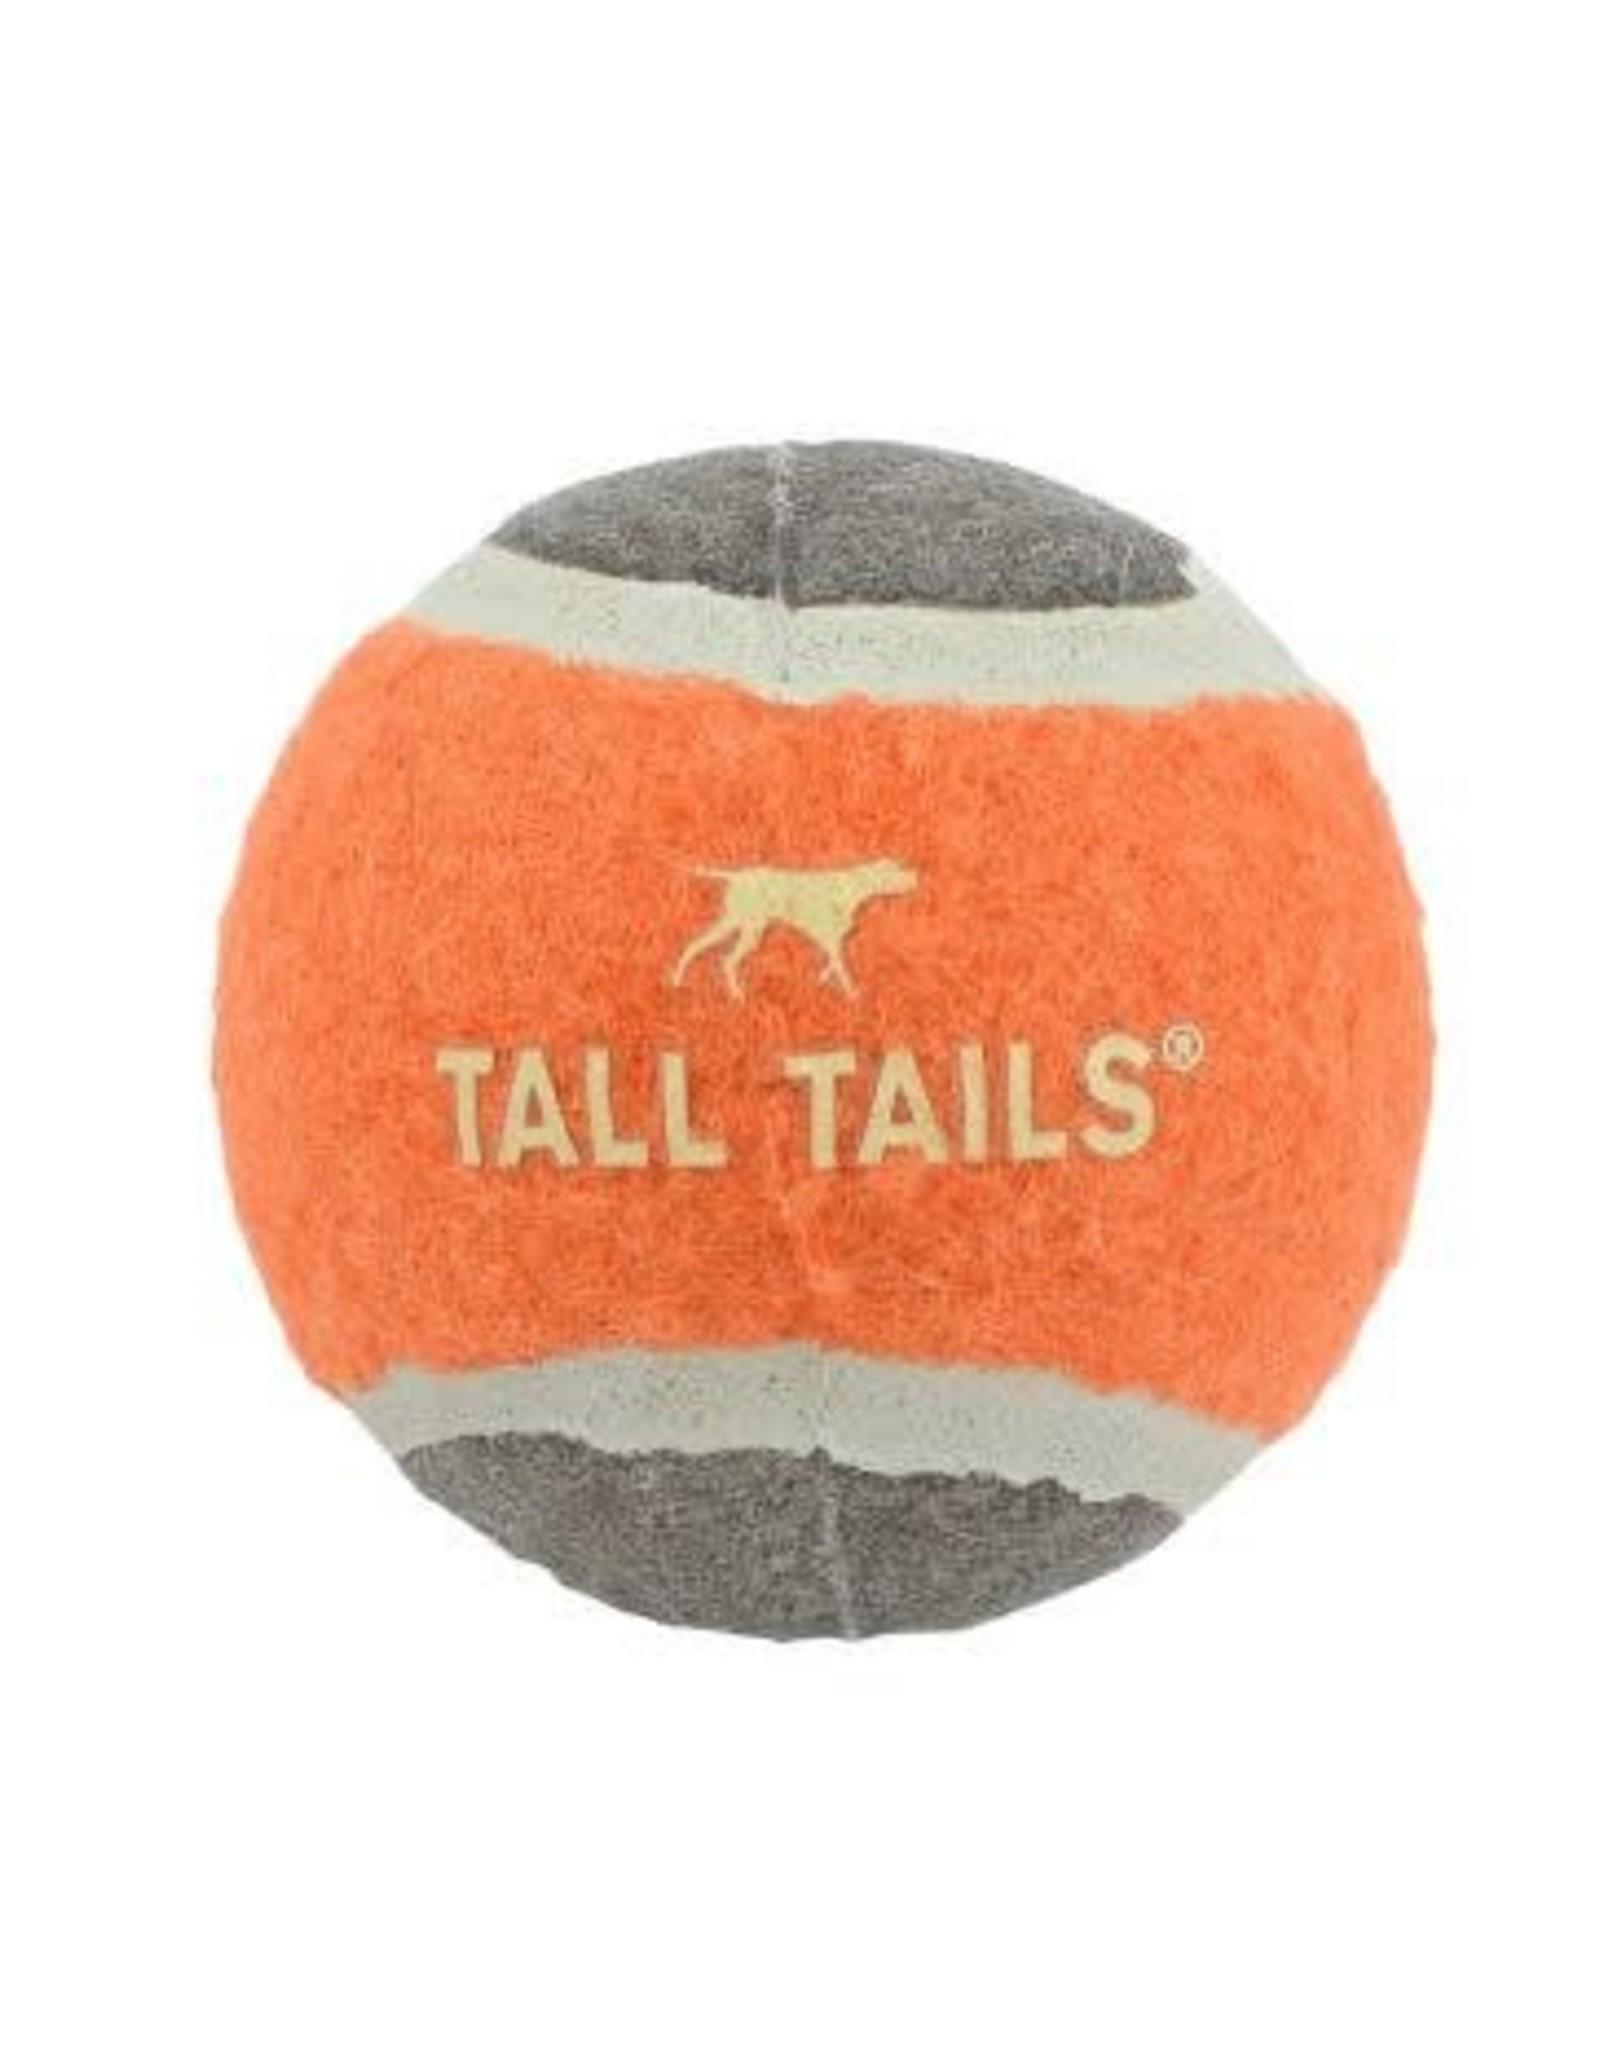 Tall Tails Tall Tails Sport Ball